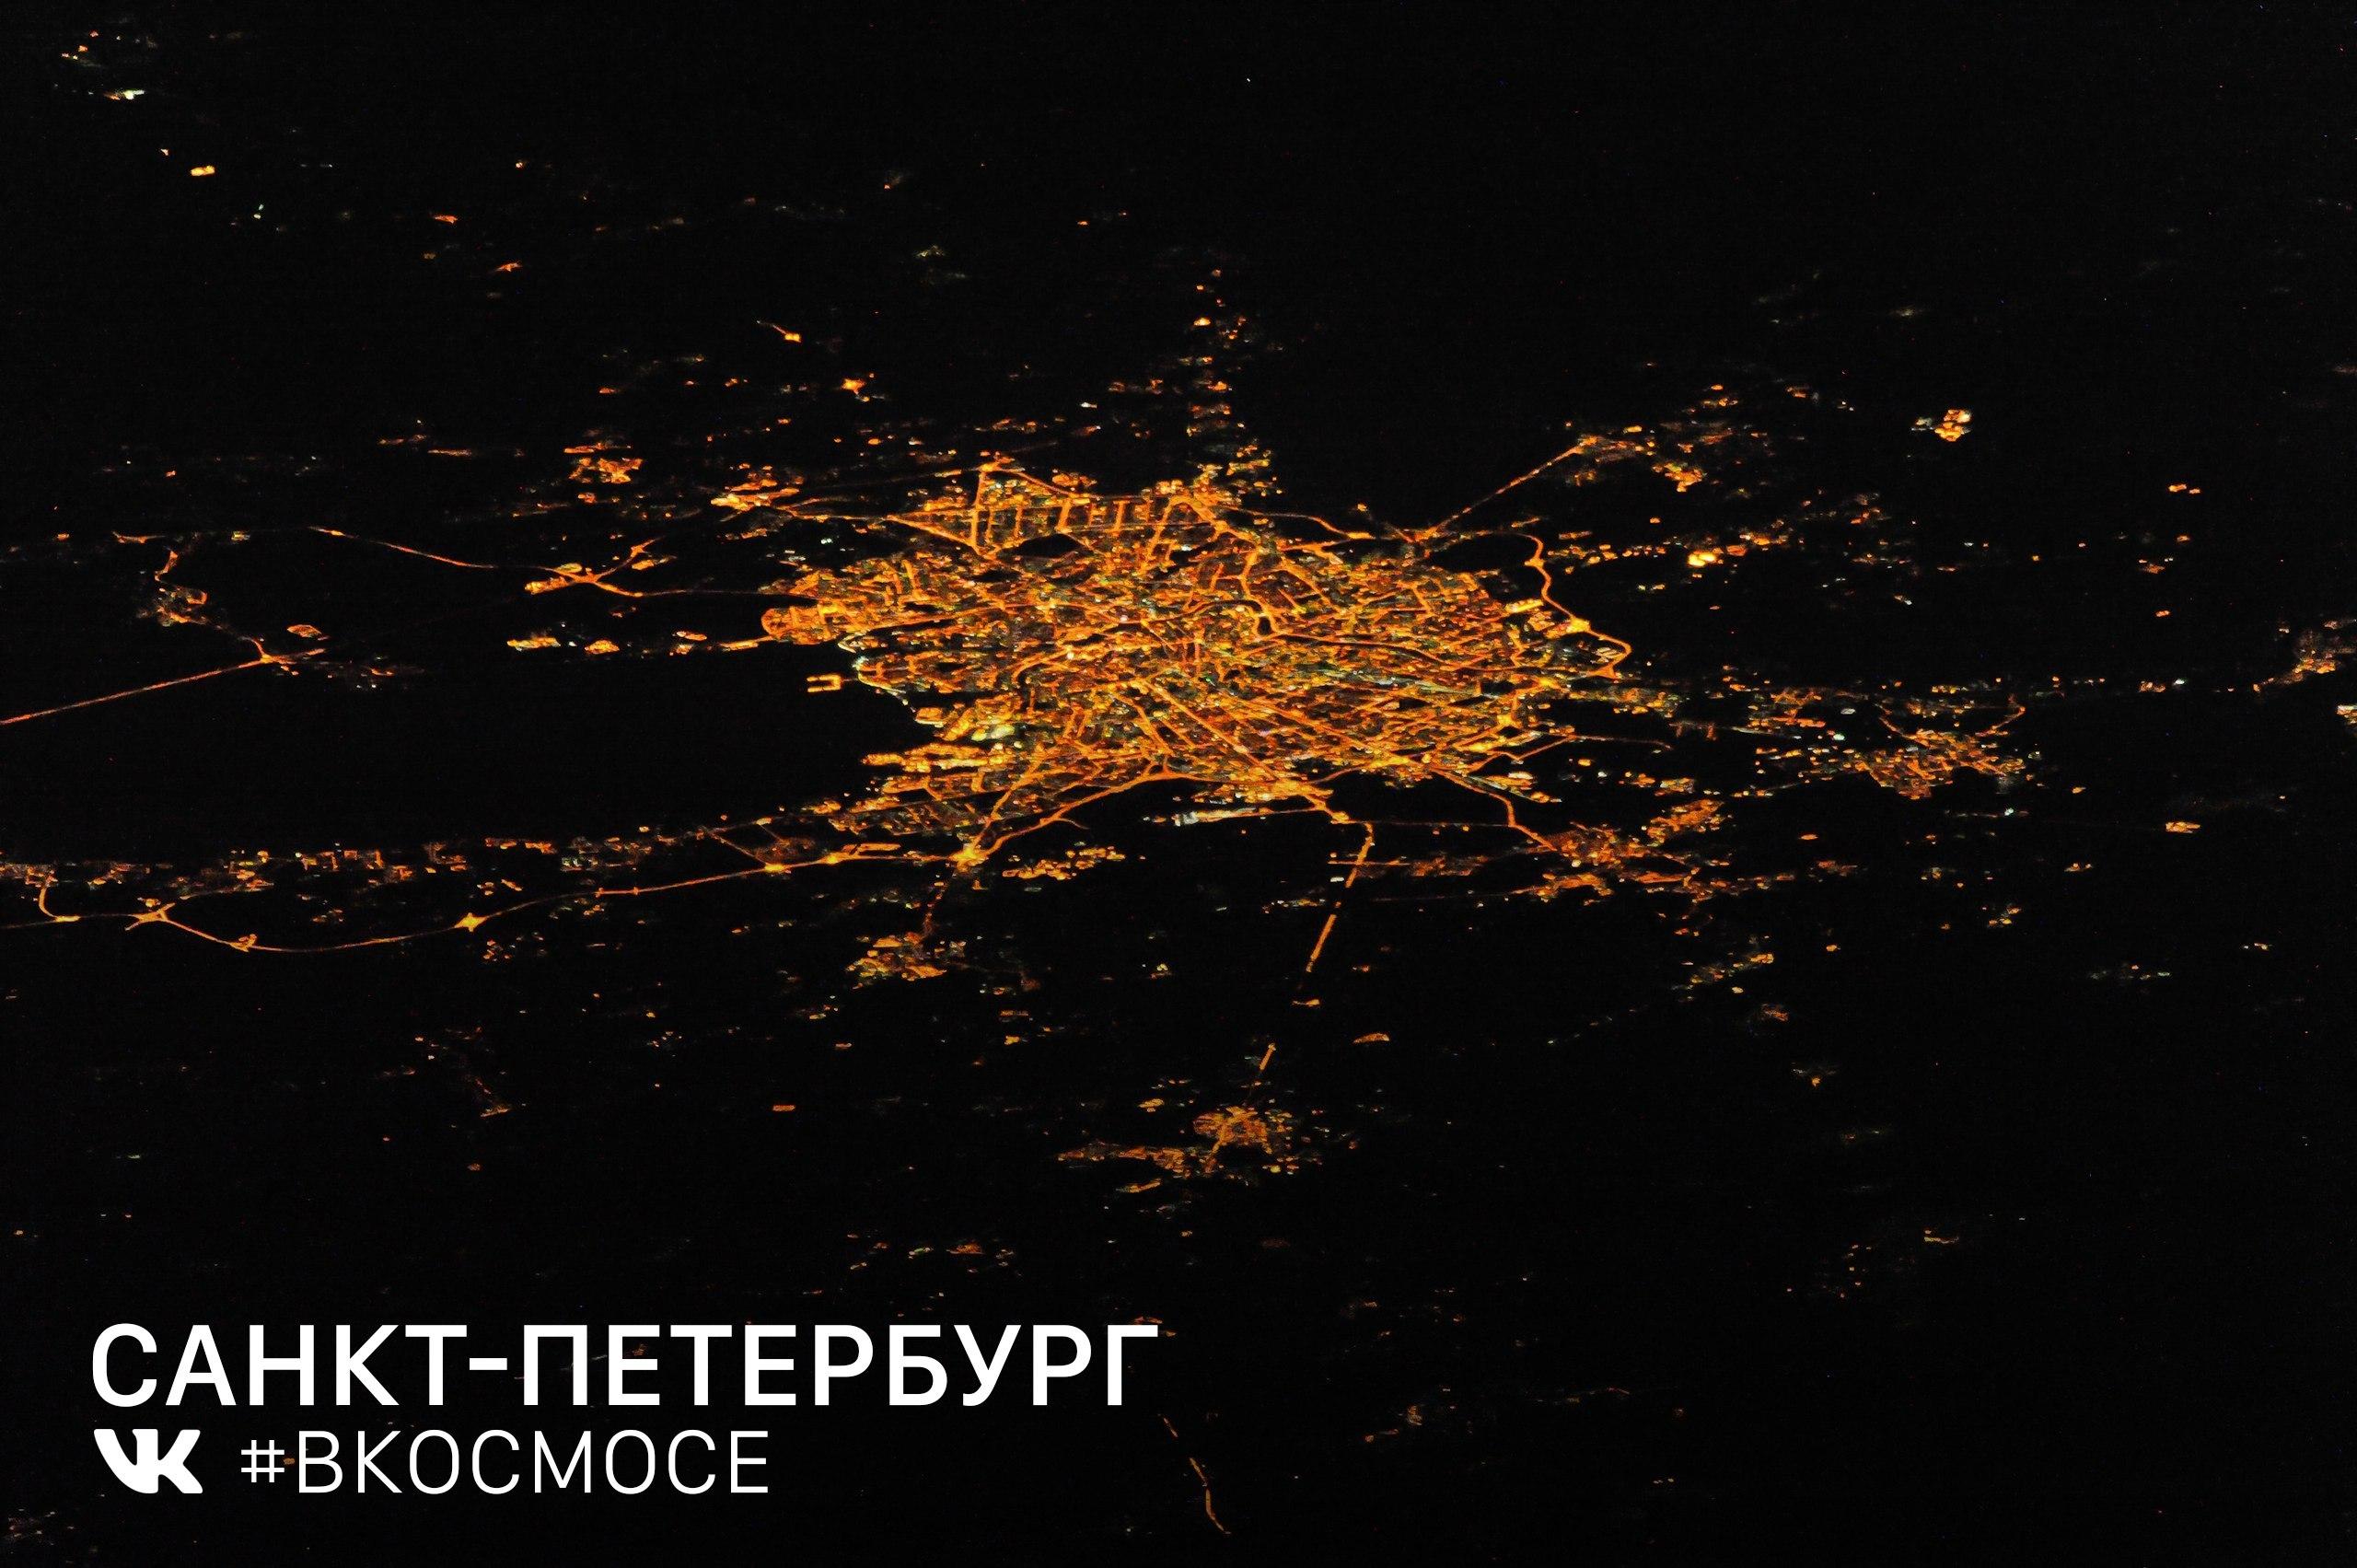 Фото: космонавт Сергей Рязанский / Роскосмос